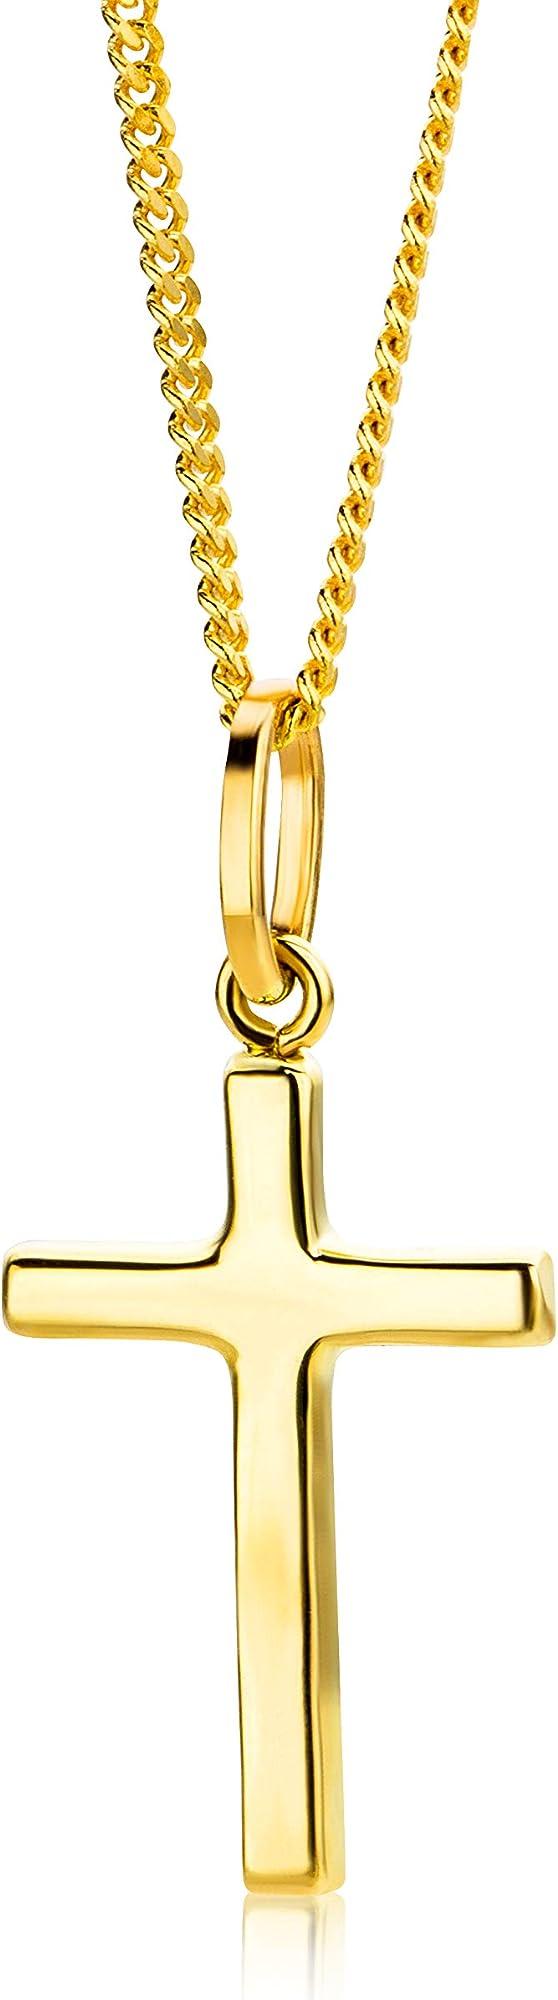 Orovi collana per donna con ciondolo croce in oro giallo  9 kt / 375  (1,35 g) OR8971N